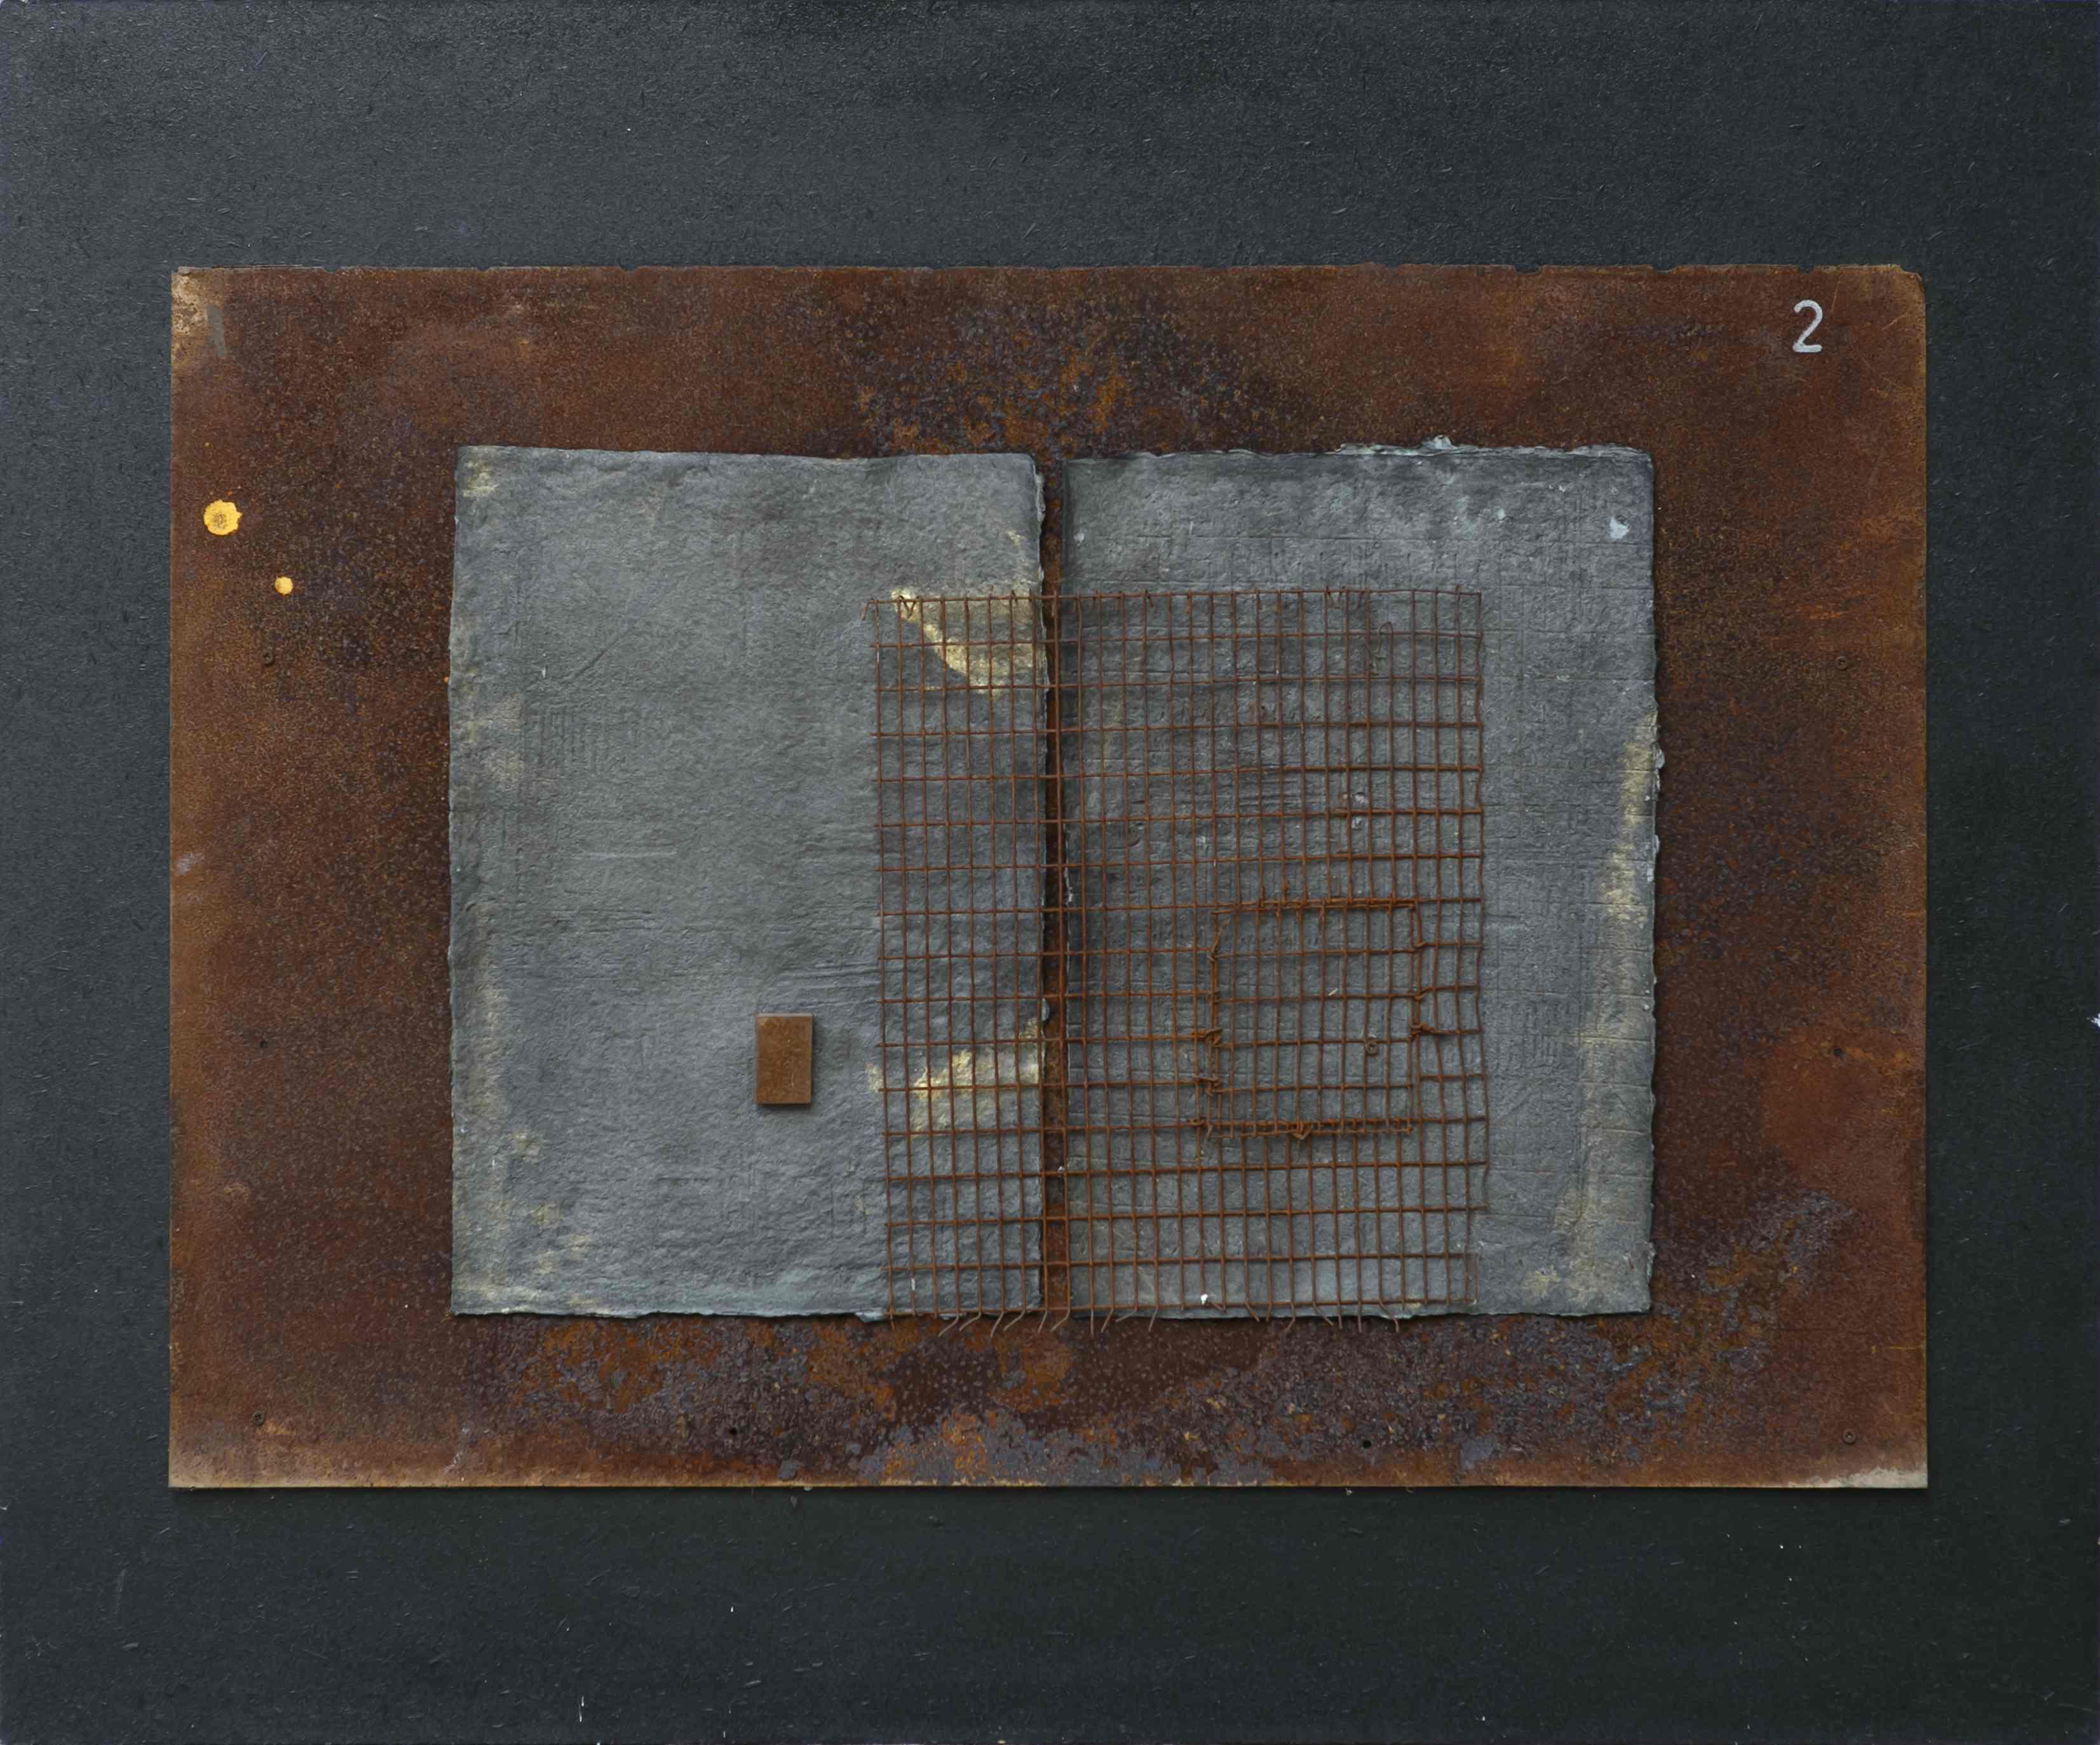 Oltre il segno, ferro corroso, grafica sperimentale su carta a mano su tavola, 120x100, 1998